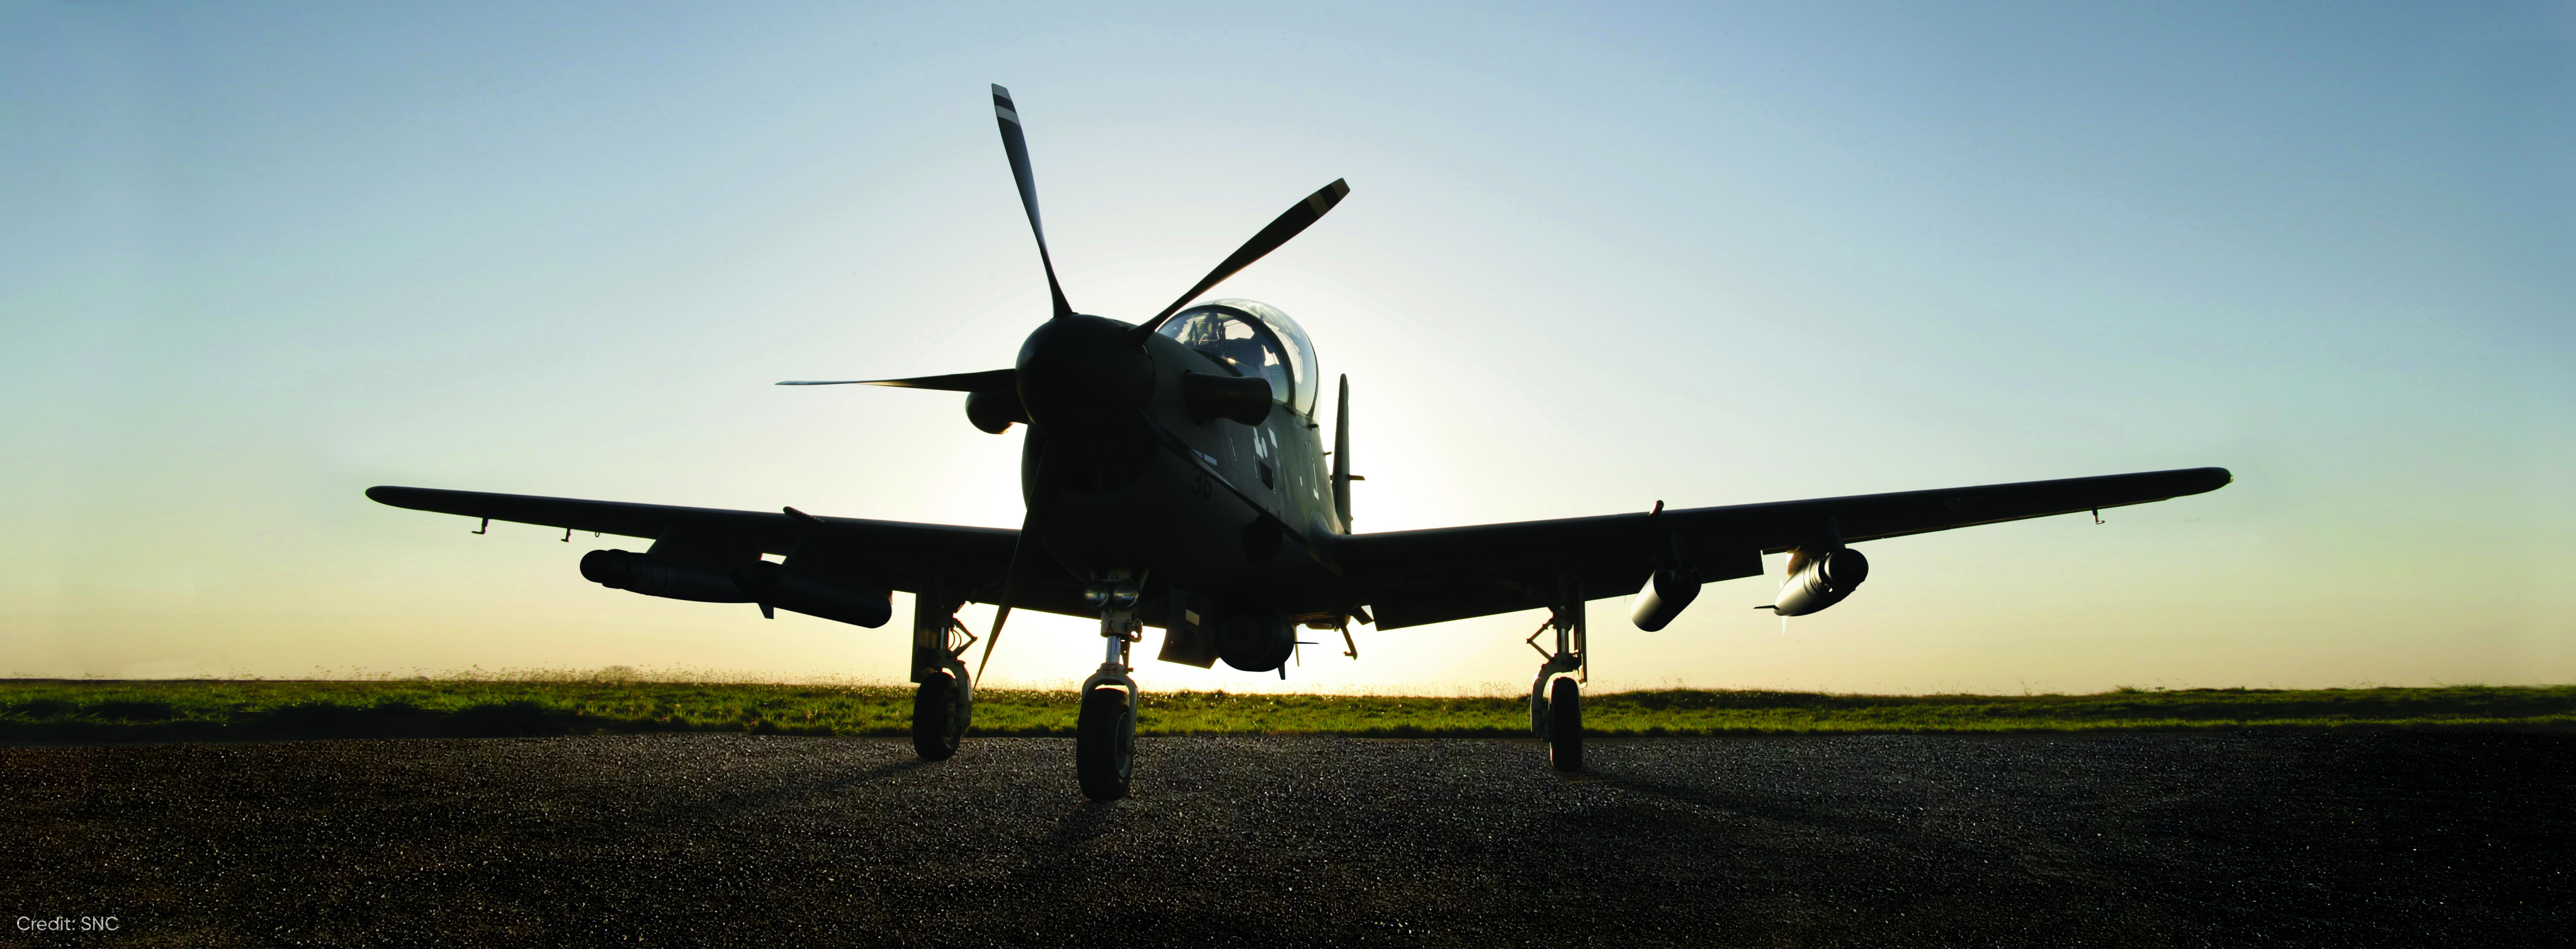 Sierra Nevada Corporation, ABD'YE A-29 Taarruz Uçağı Tedarik Edecek